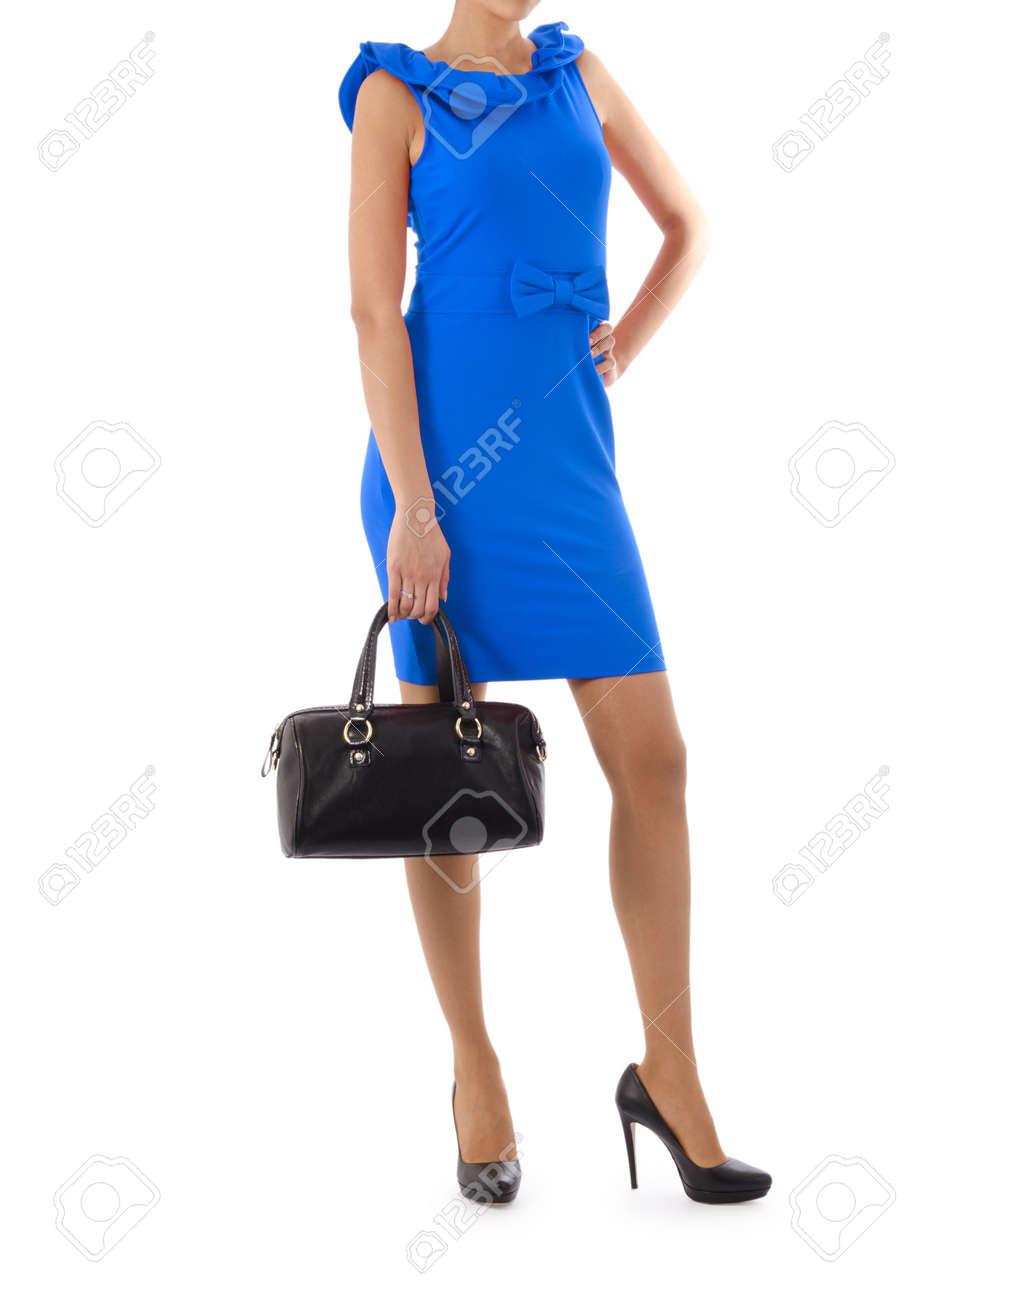 Attractive model in fashion concept Stock Photo - 16414911